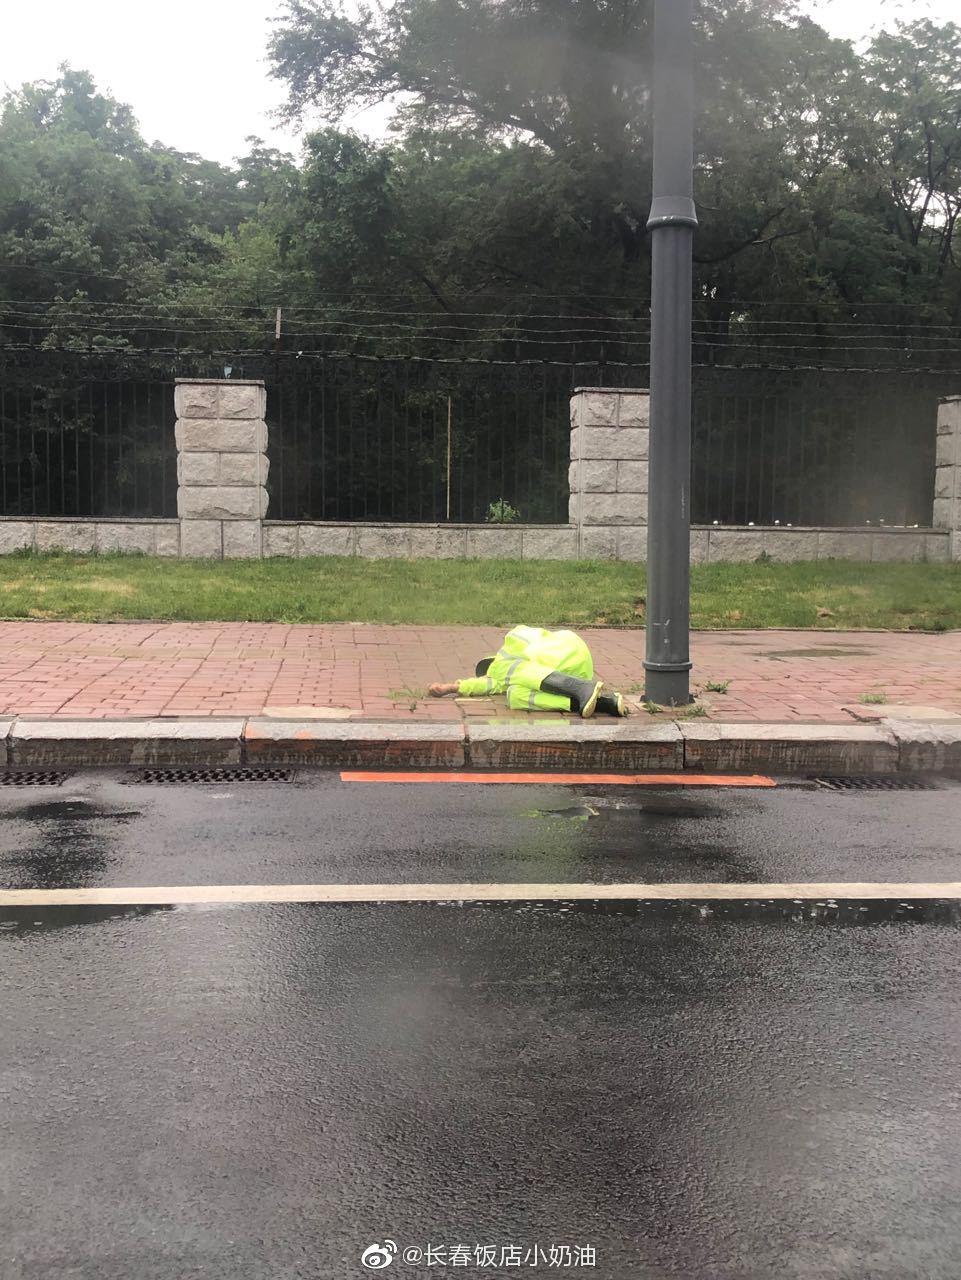 网友爆料:东北师范大学对面路灯下面